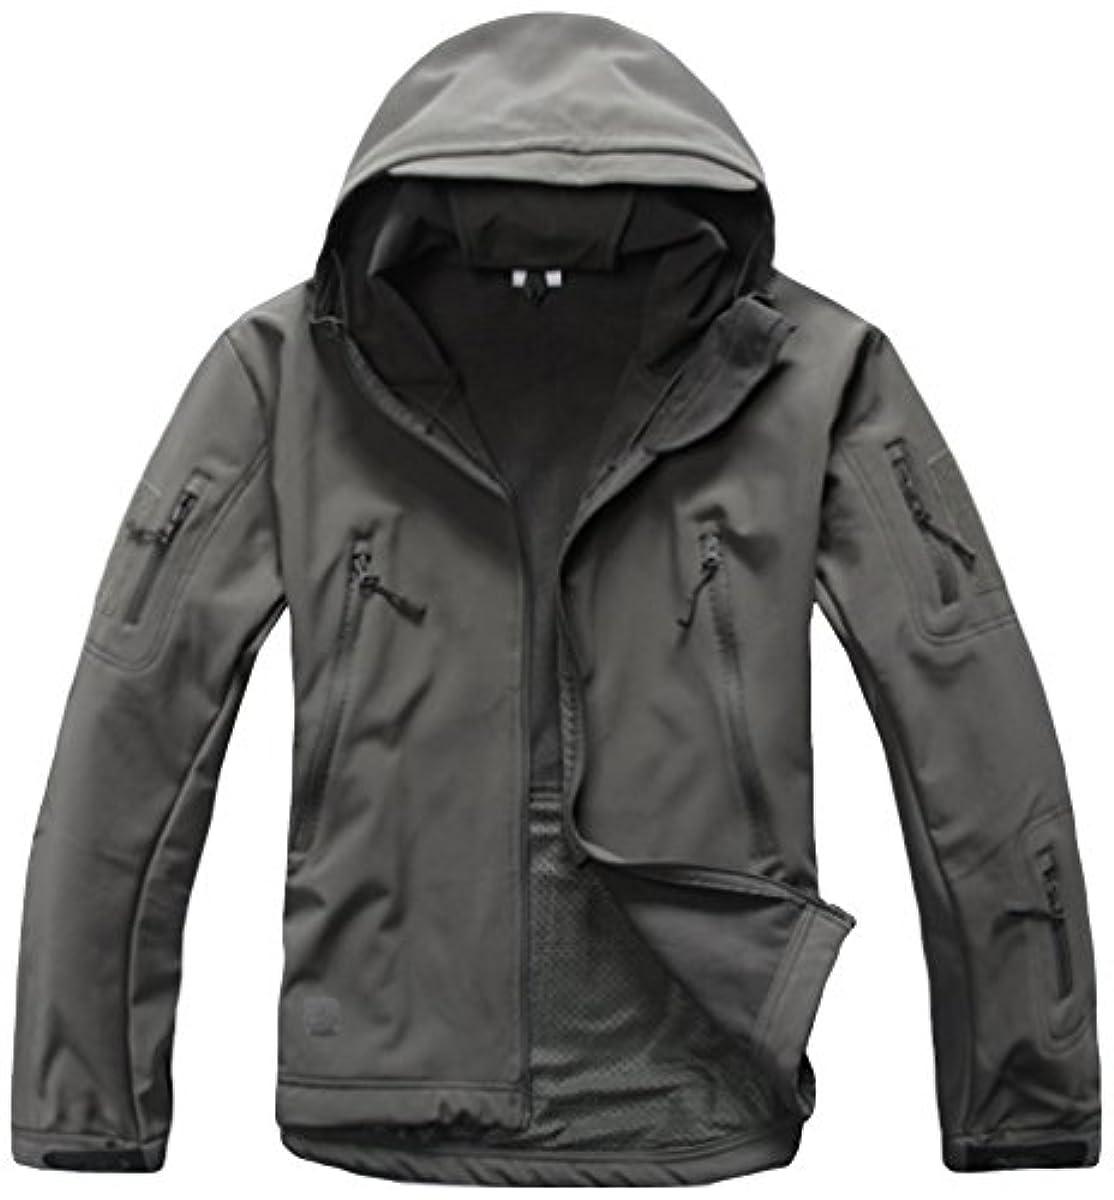 [해외] EARCHCO@아치 코어 【후드부】택티컬자켓 TAD스타일 재킷 방수해 방지 풍방한 아웃도어 따스한 다기능 점퍼